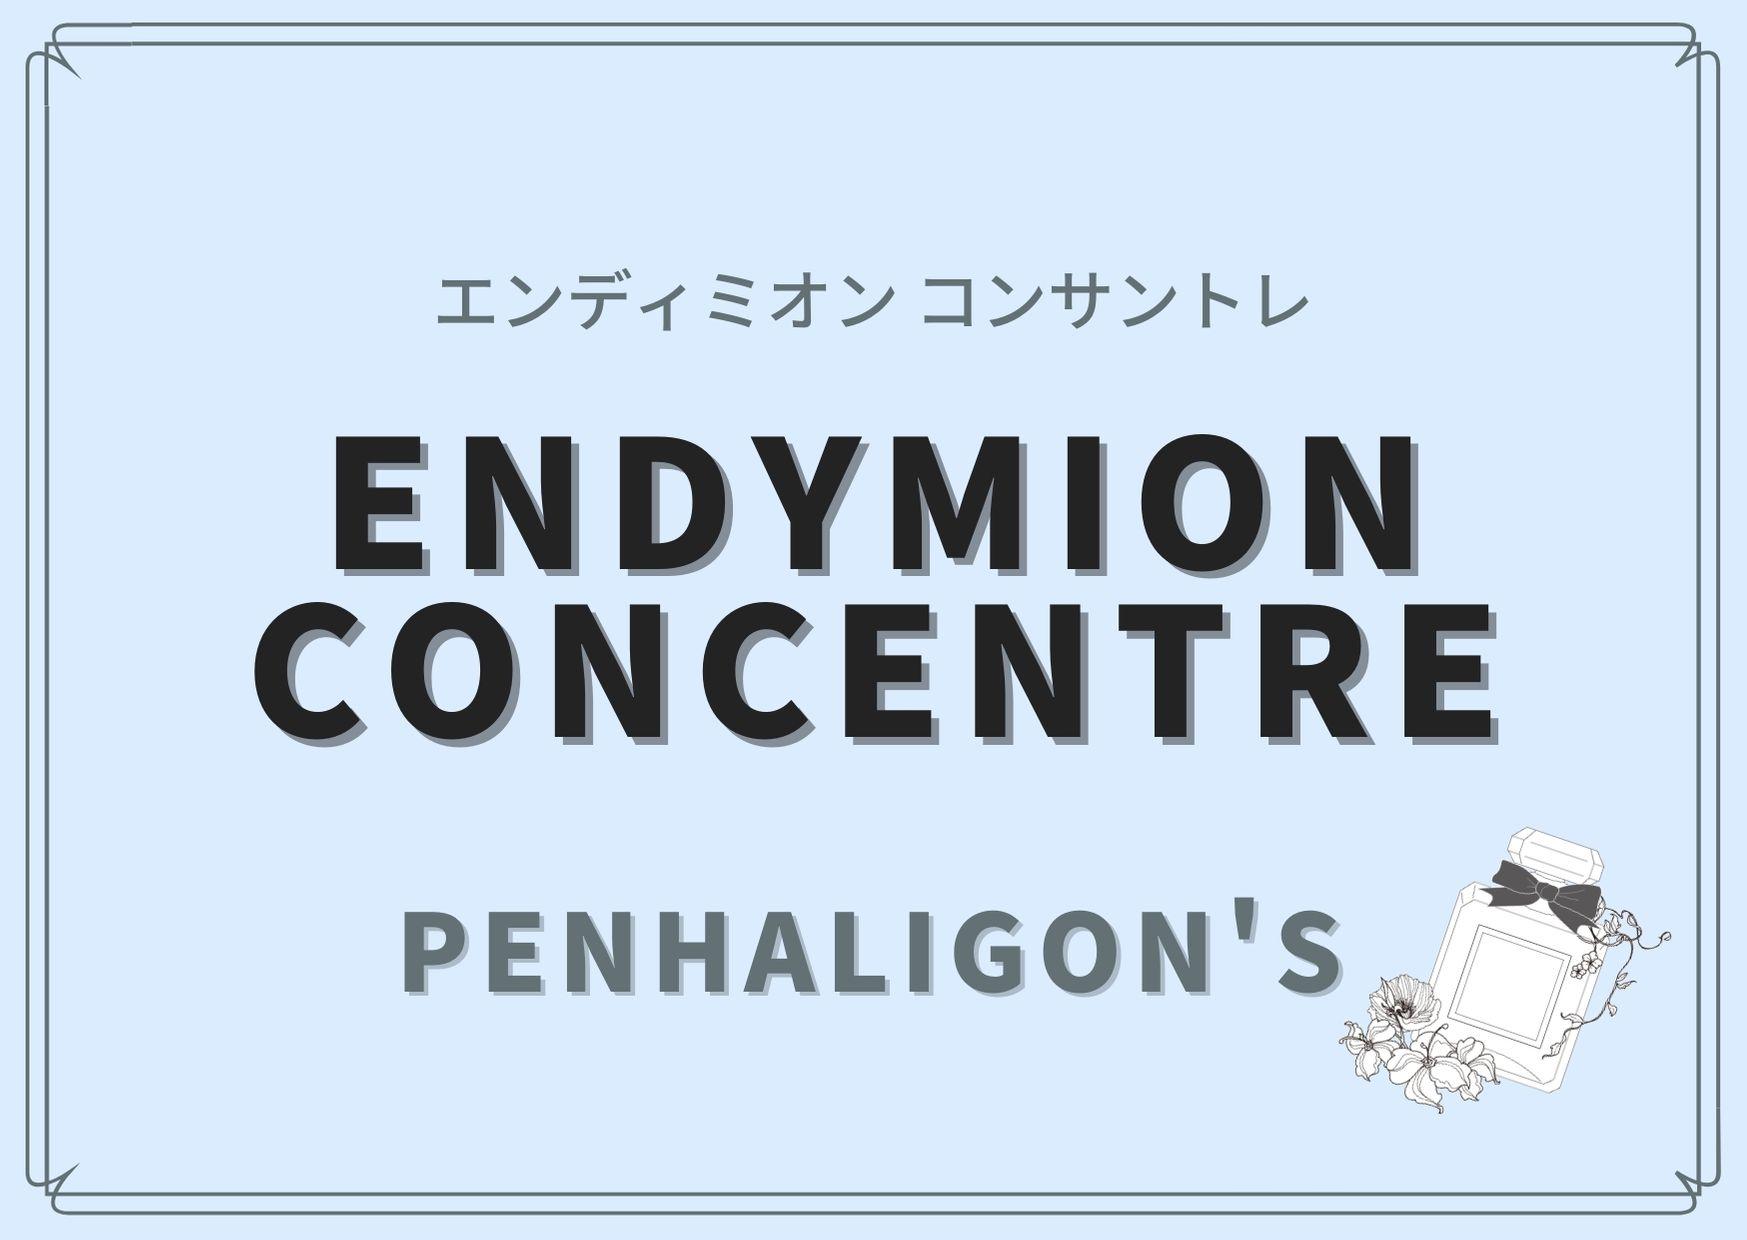 ENDYMION CONCENTRE(エンディミオン・コンサントレ)/PENHALIGON'S(ペンハリガン)